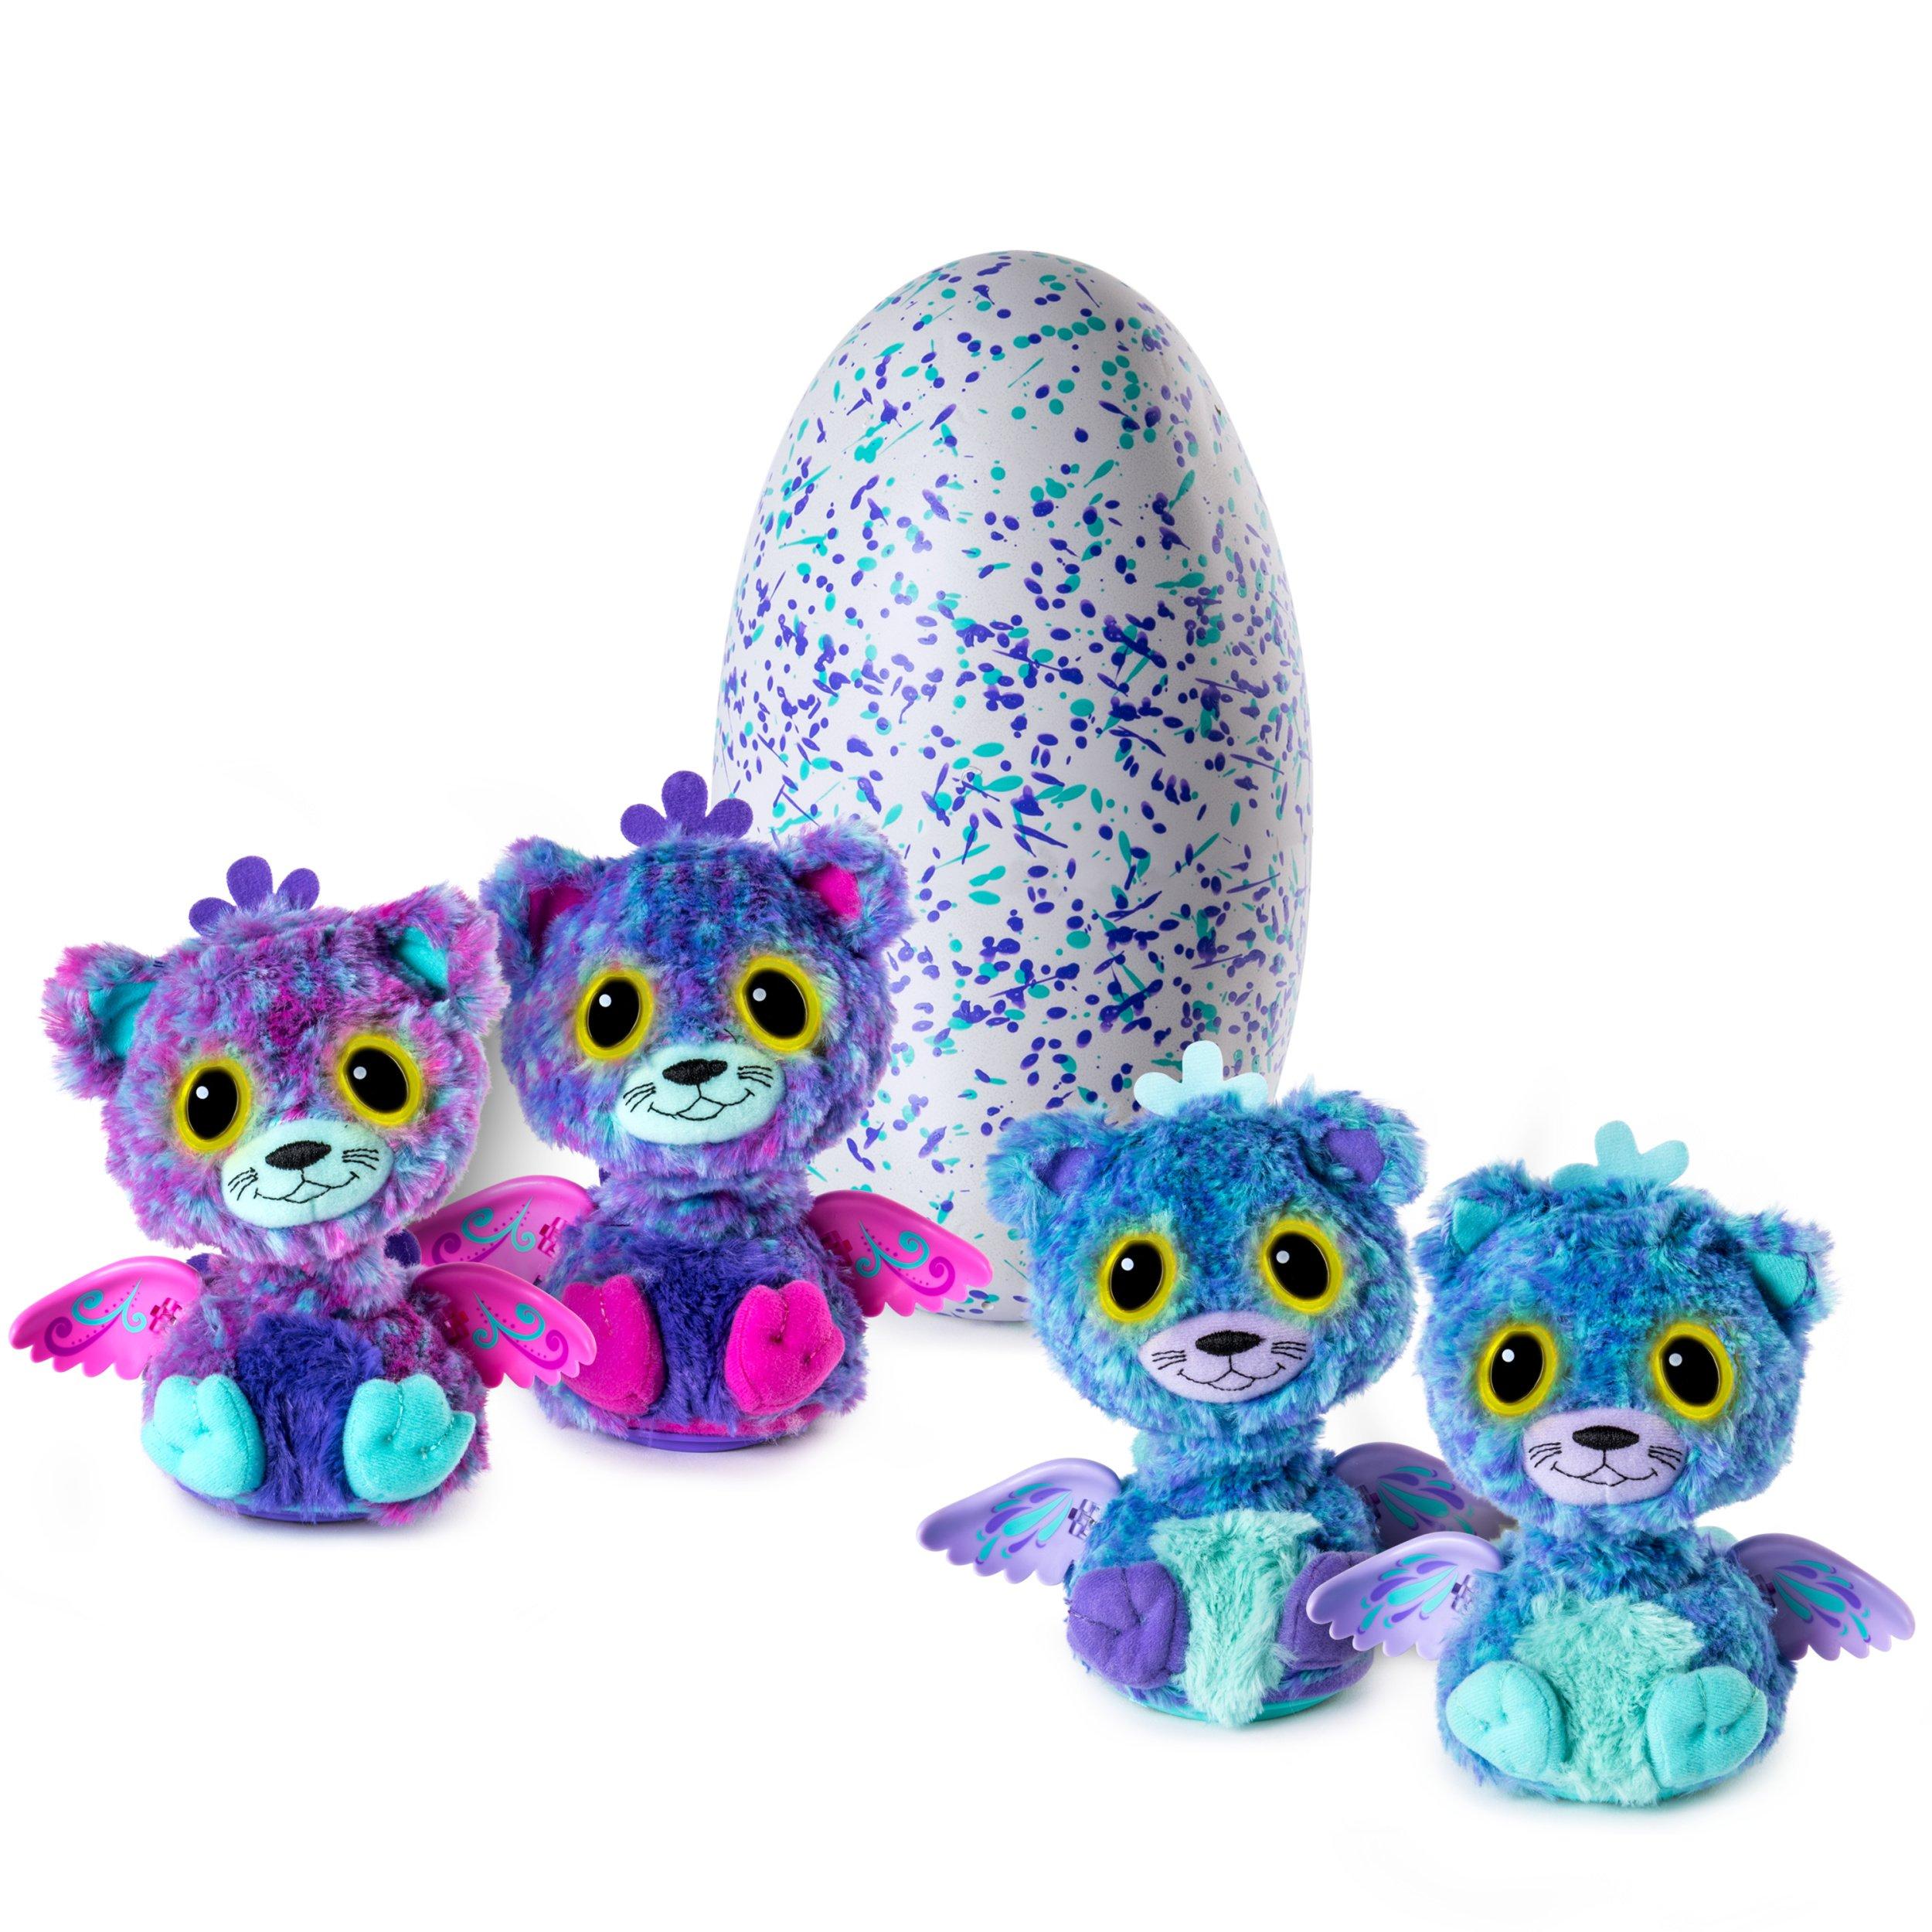 Hatchimals Surprise Peacat Purple Egg Playset by Hatchimals Surprise (Image #3)